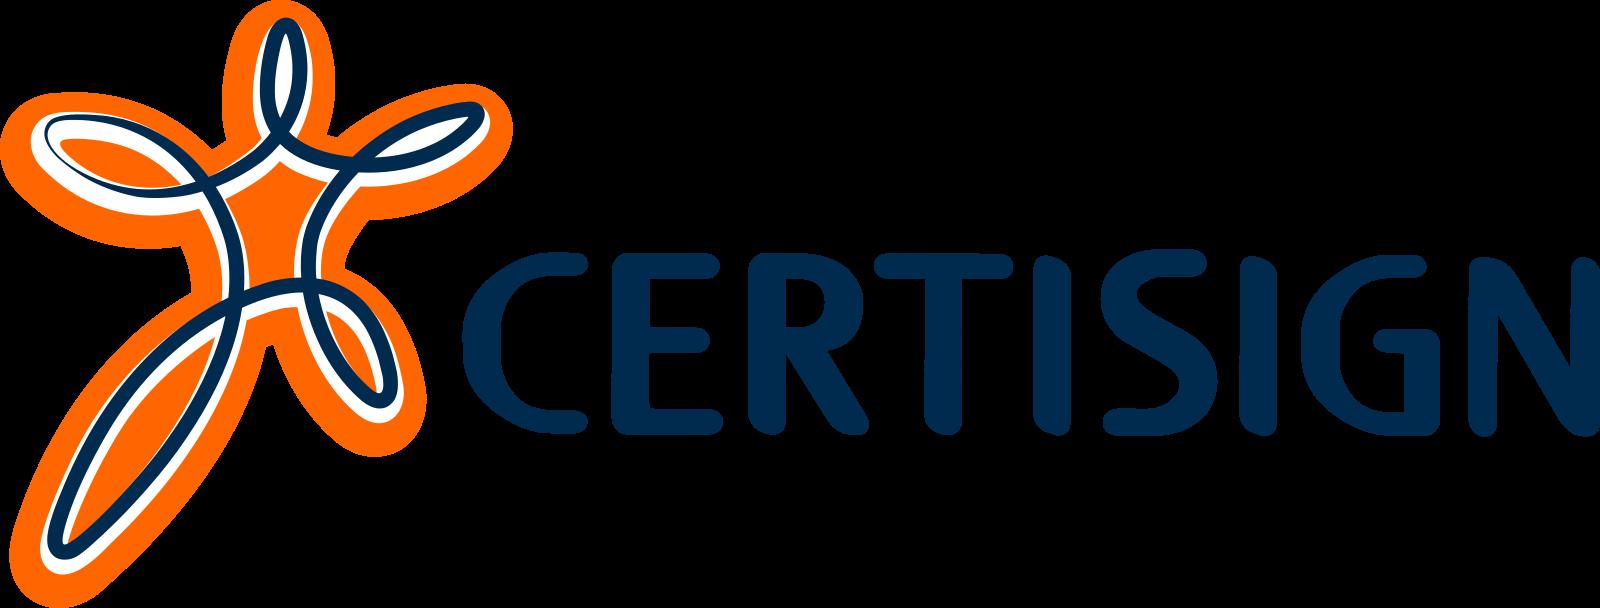 Certisign Logo.